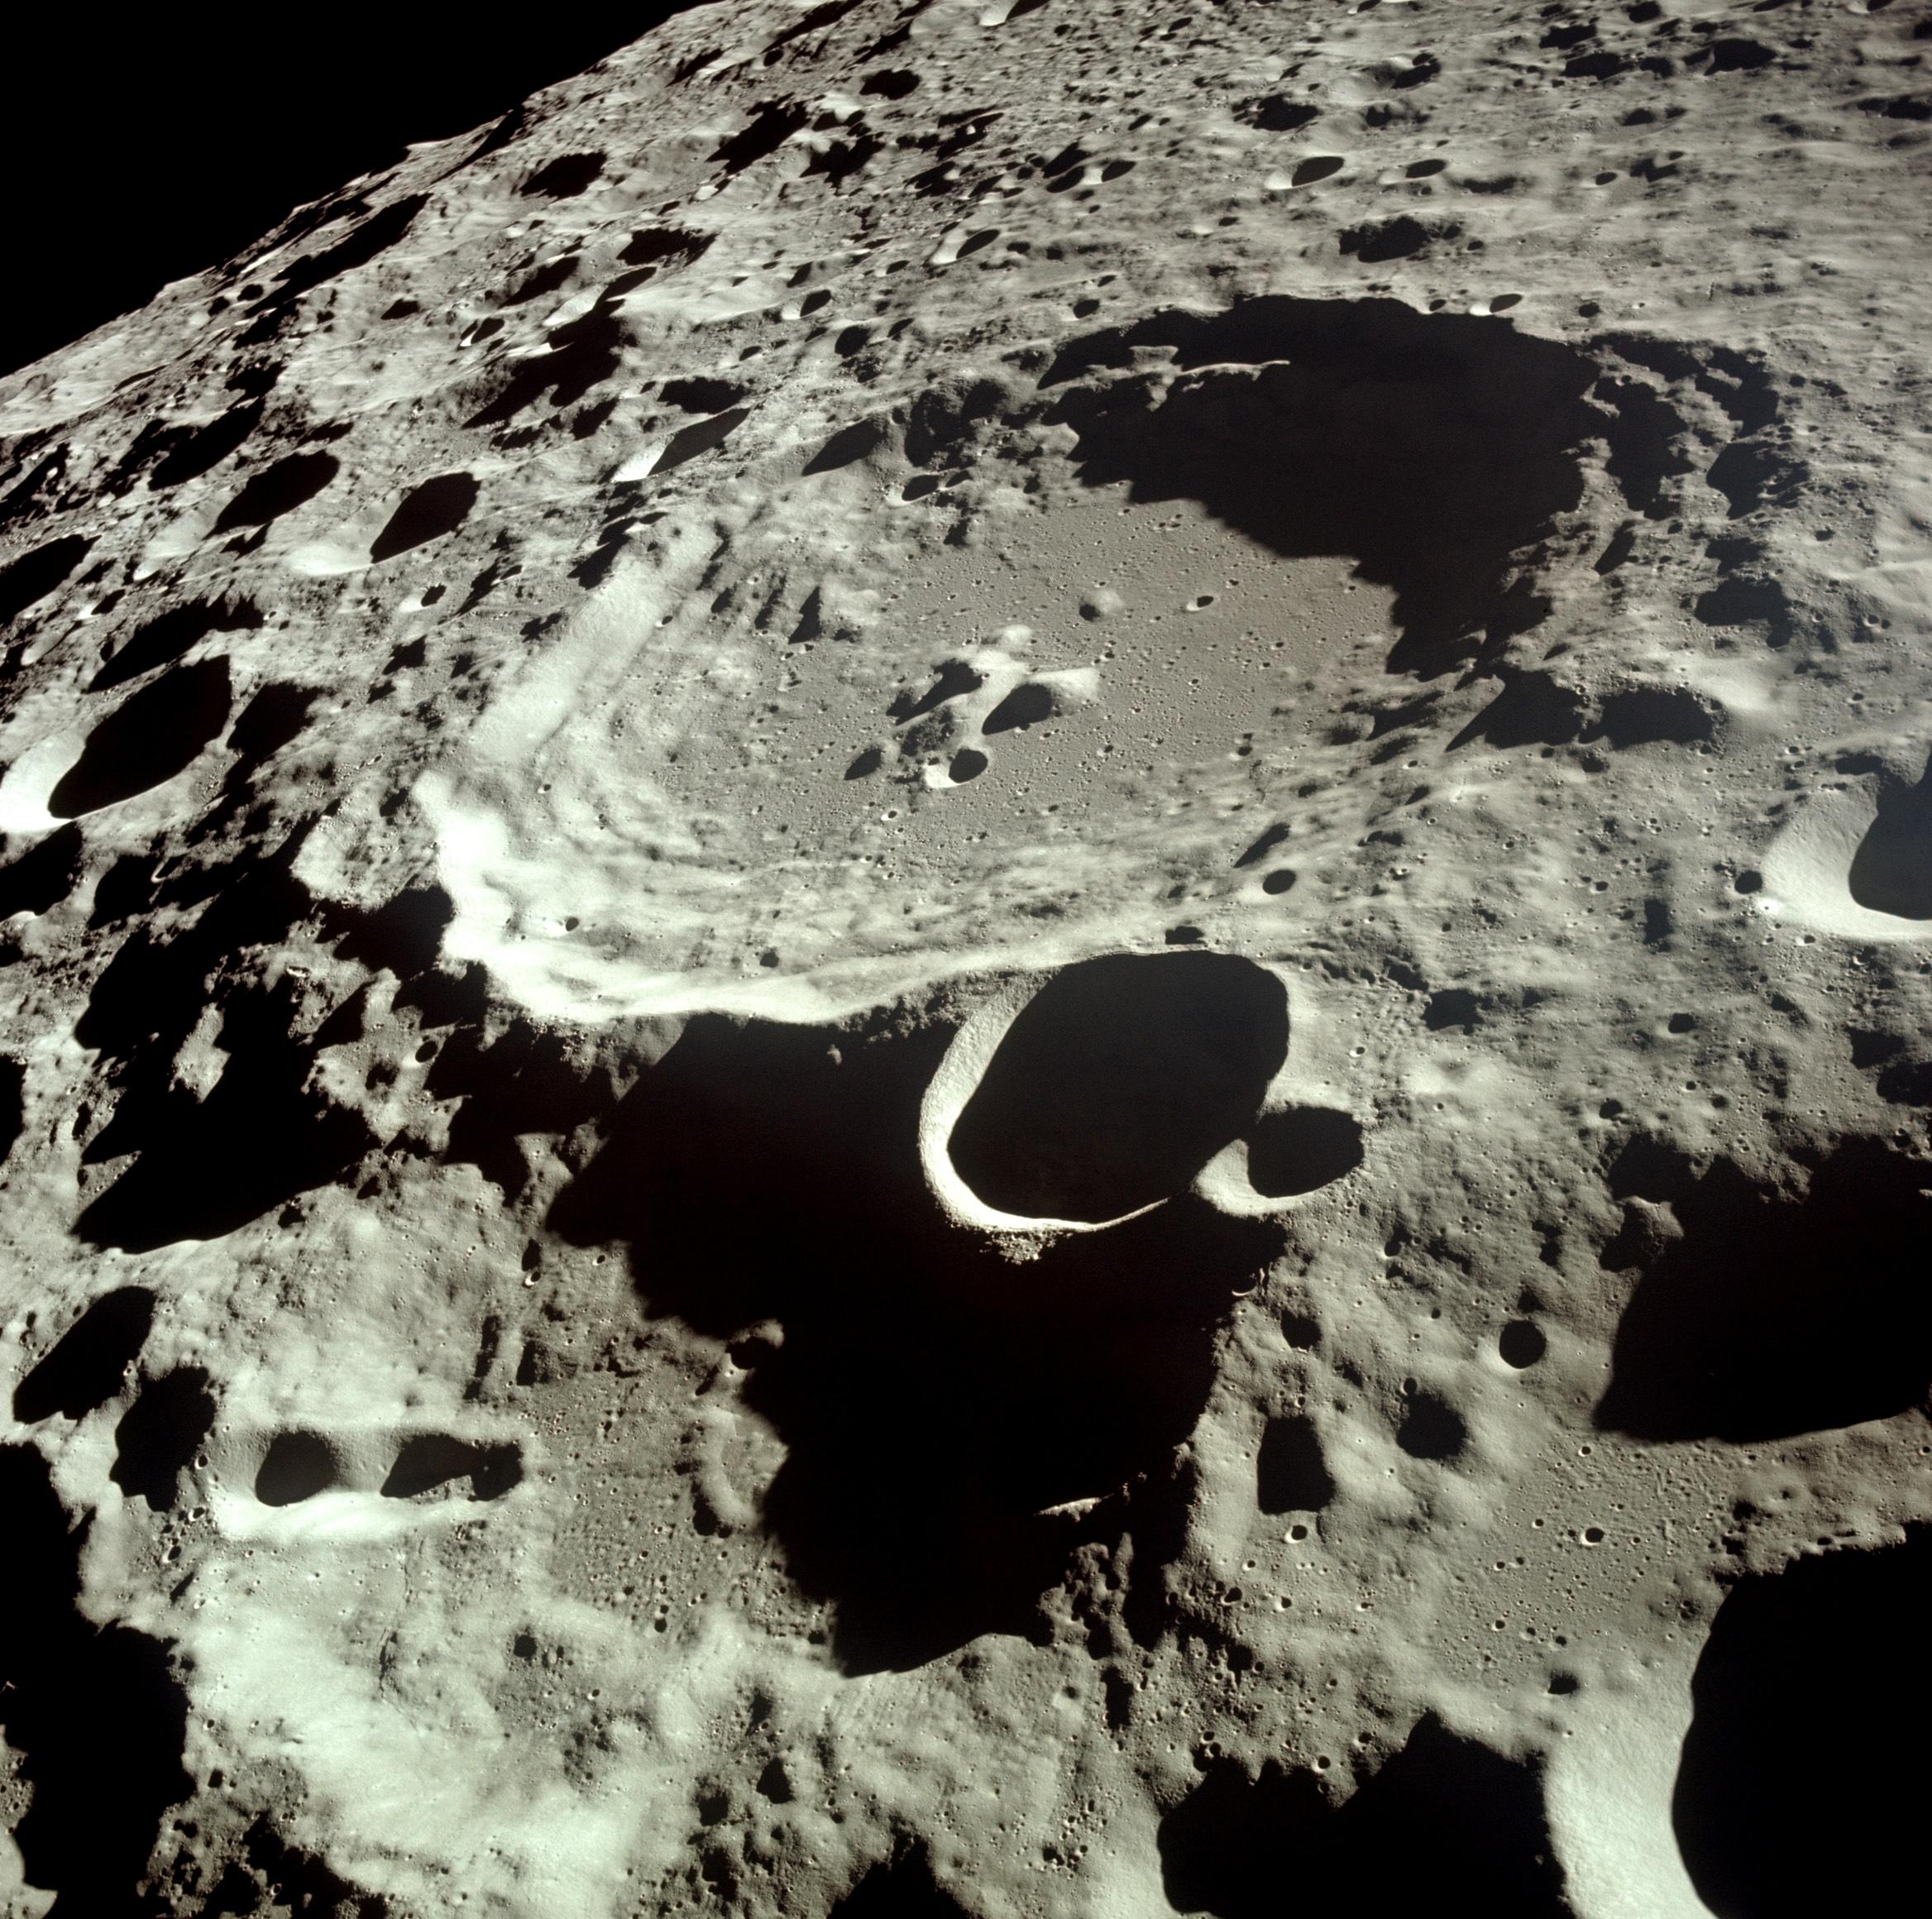 Кратер Дедал. Фотография с борта Аполлона-11.